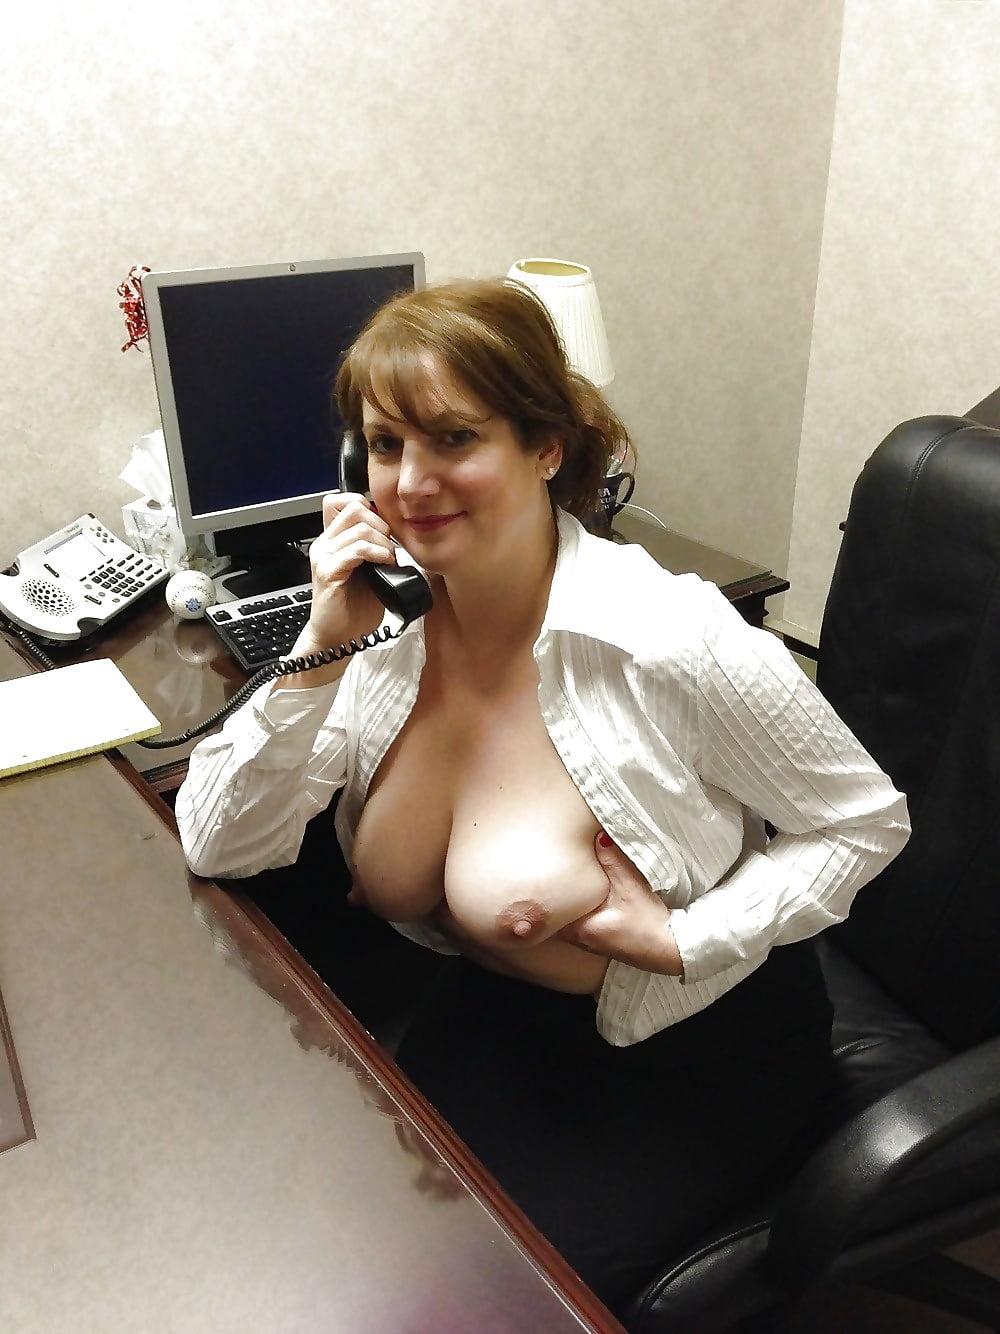 Секретарша показала свои сиськи директору, русские мамины подружки порно